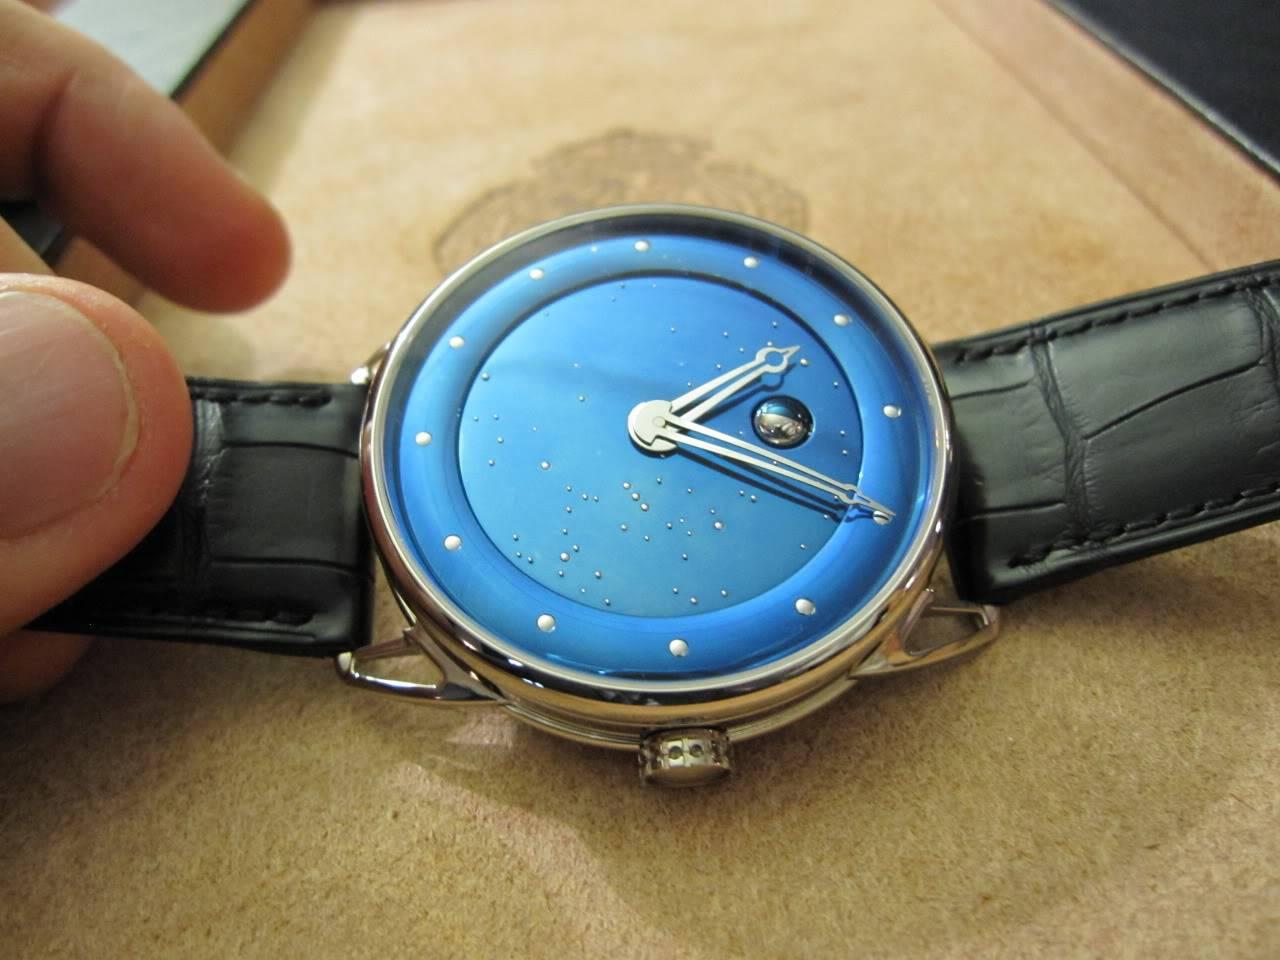 Où l'horlogerie devient art... (De Bethune inside) DB_SIHH2010_001a